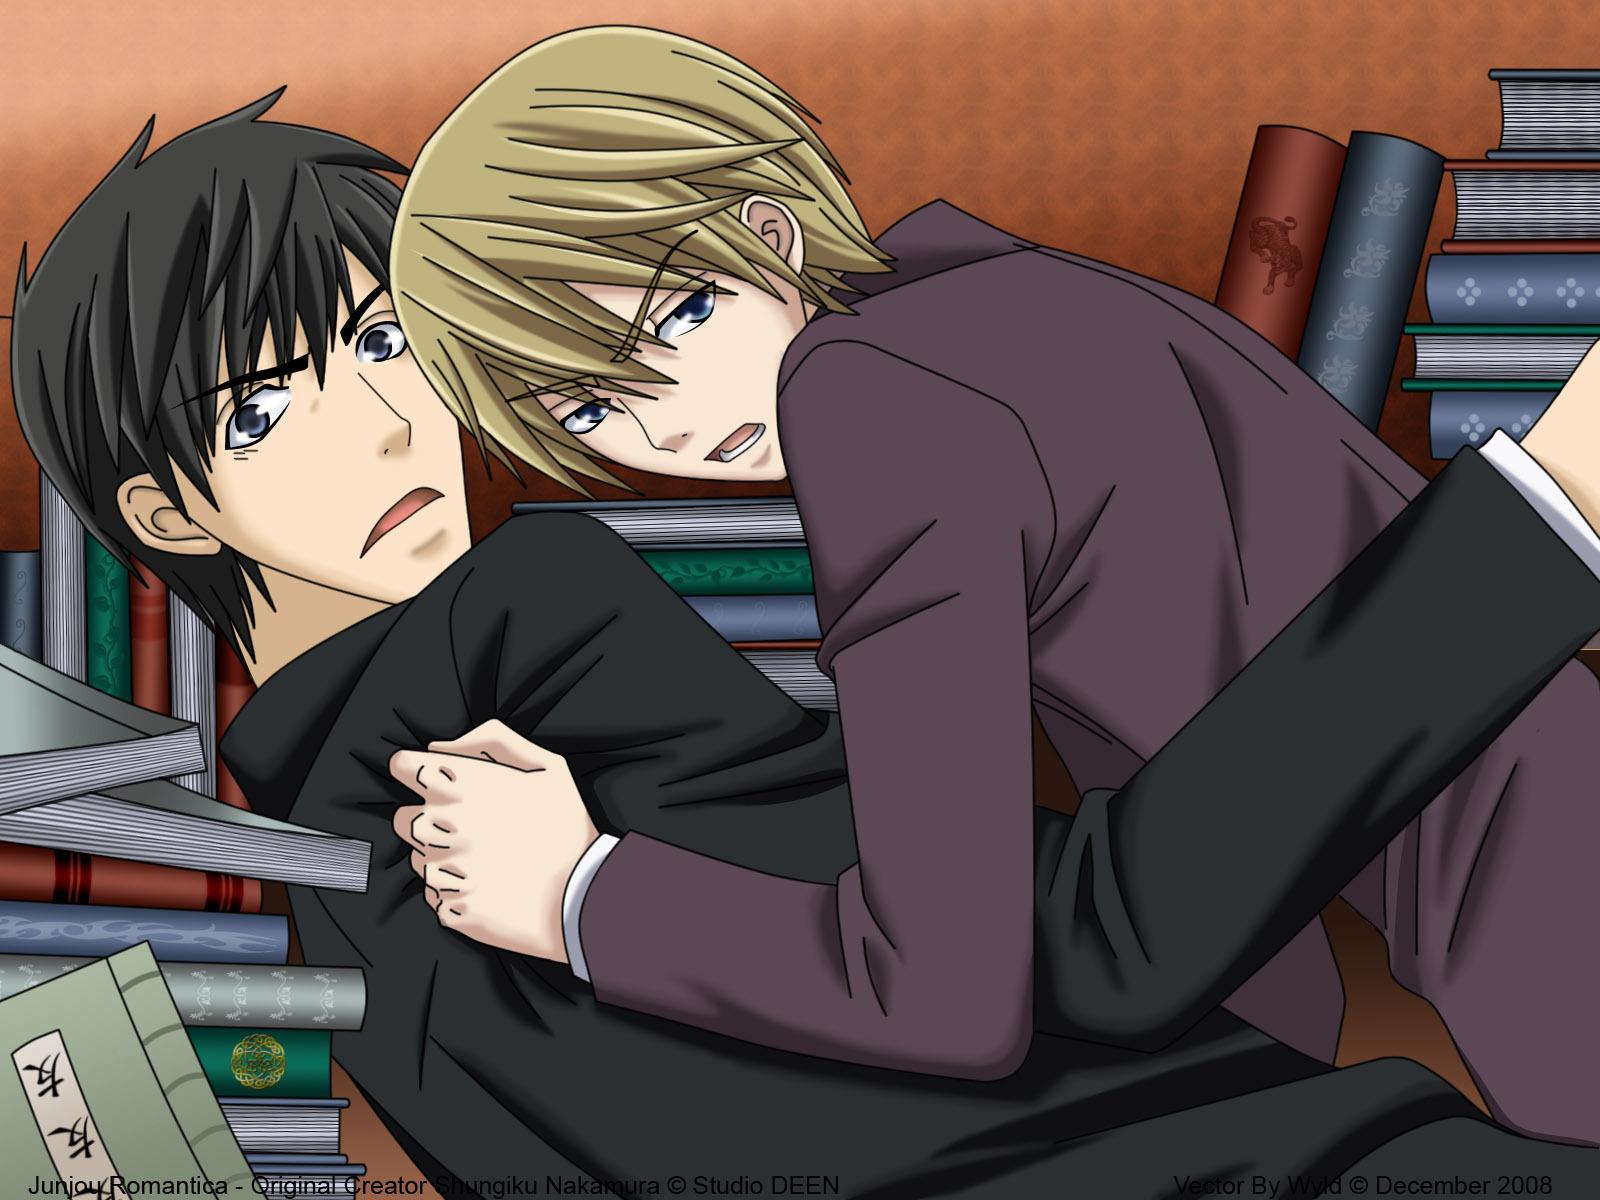 Miyagi and Shinobu